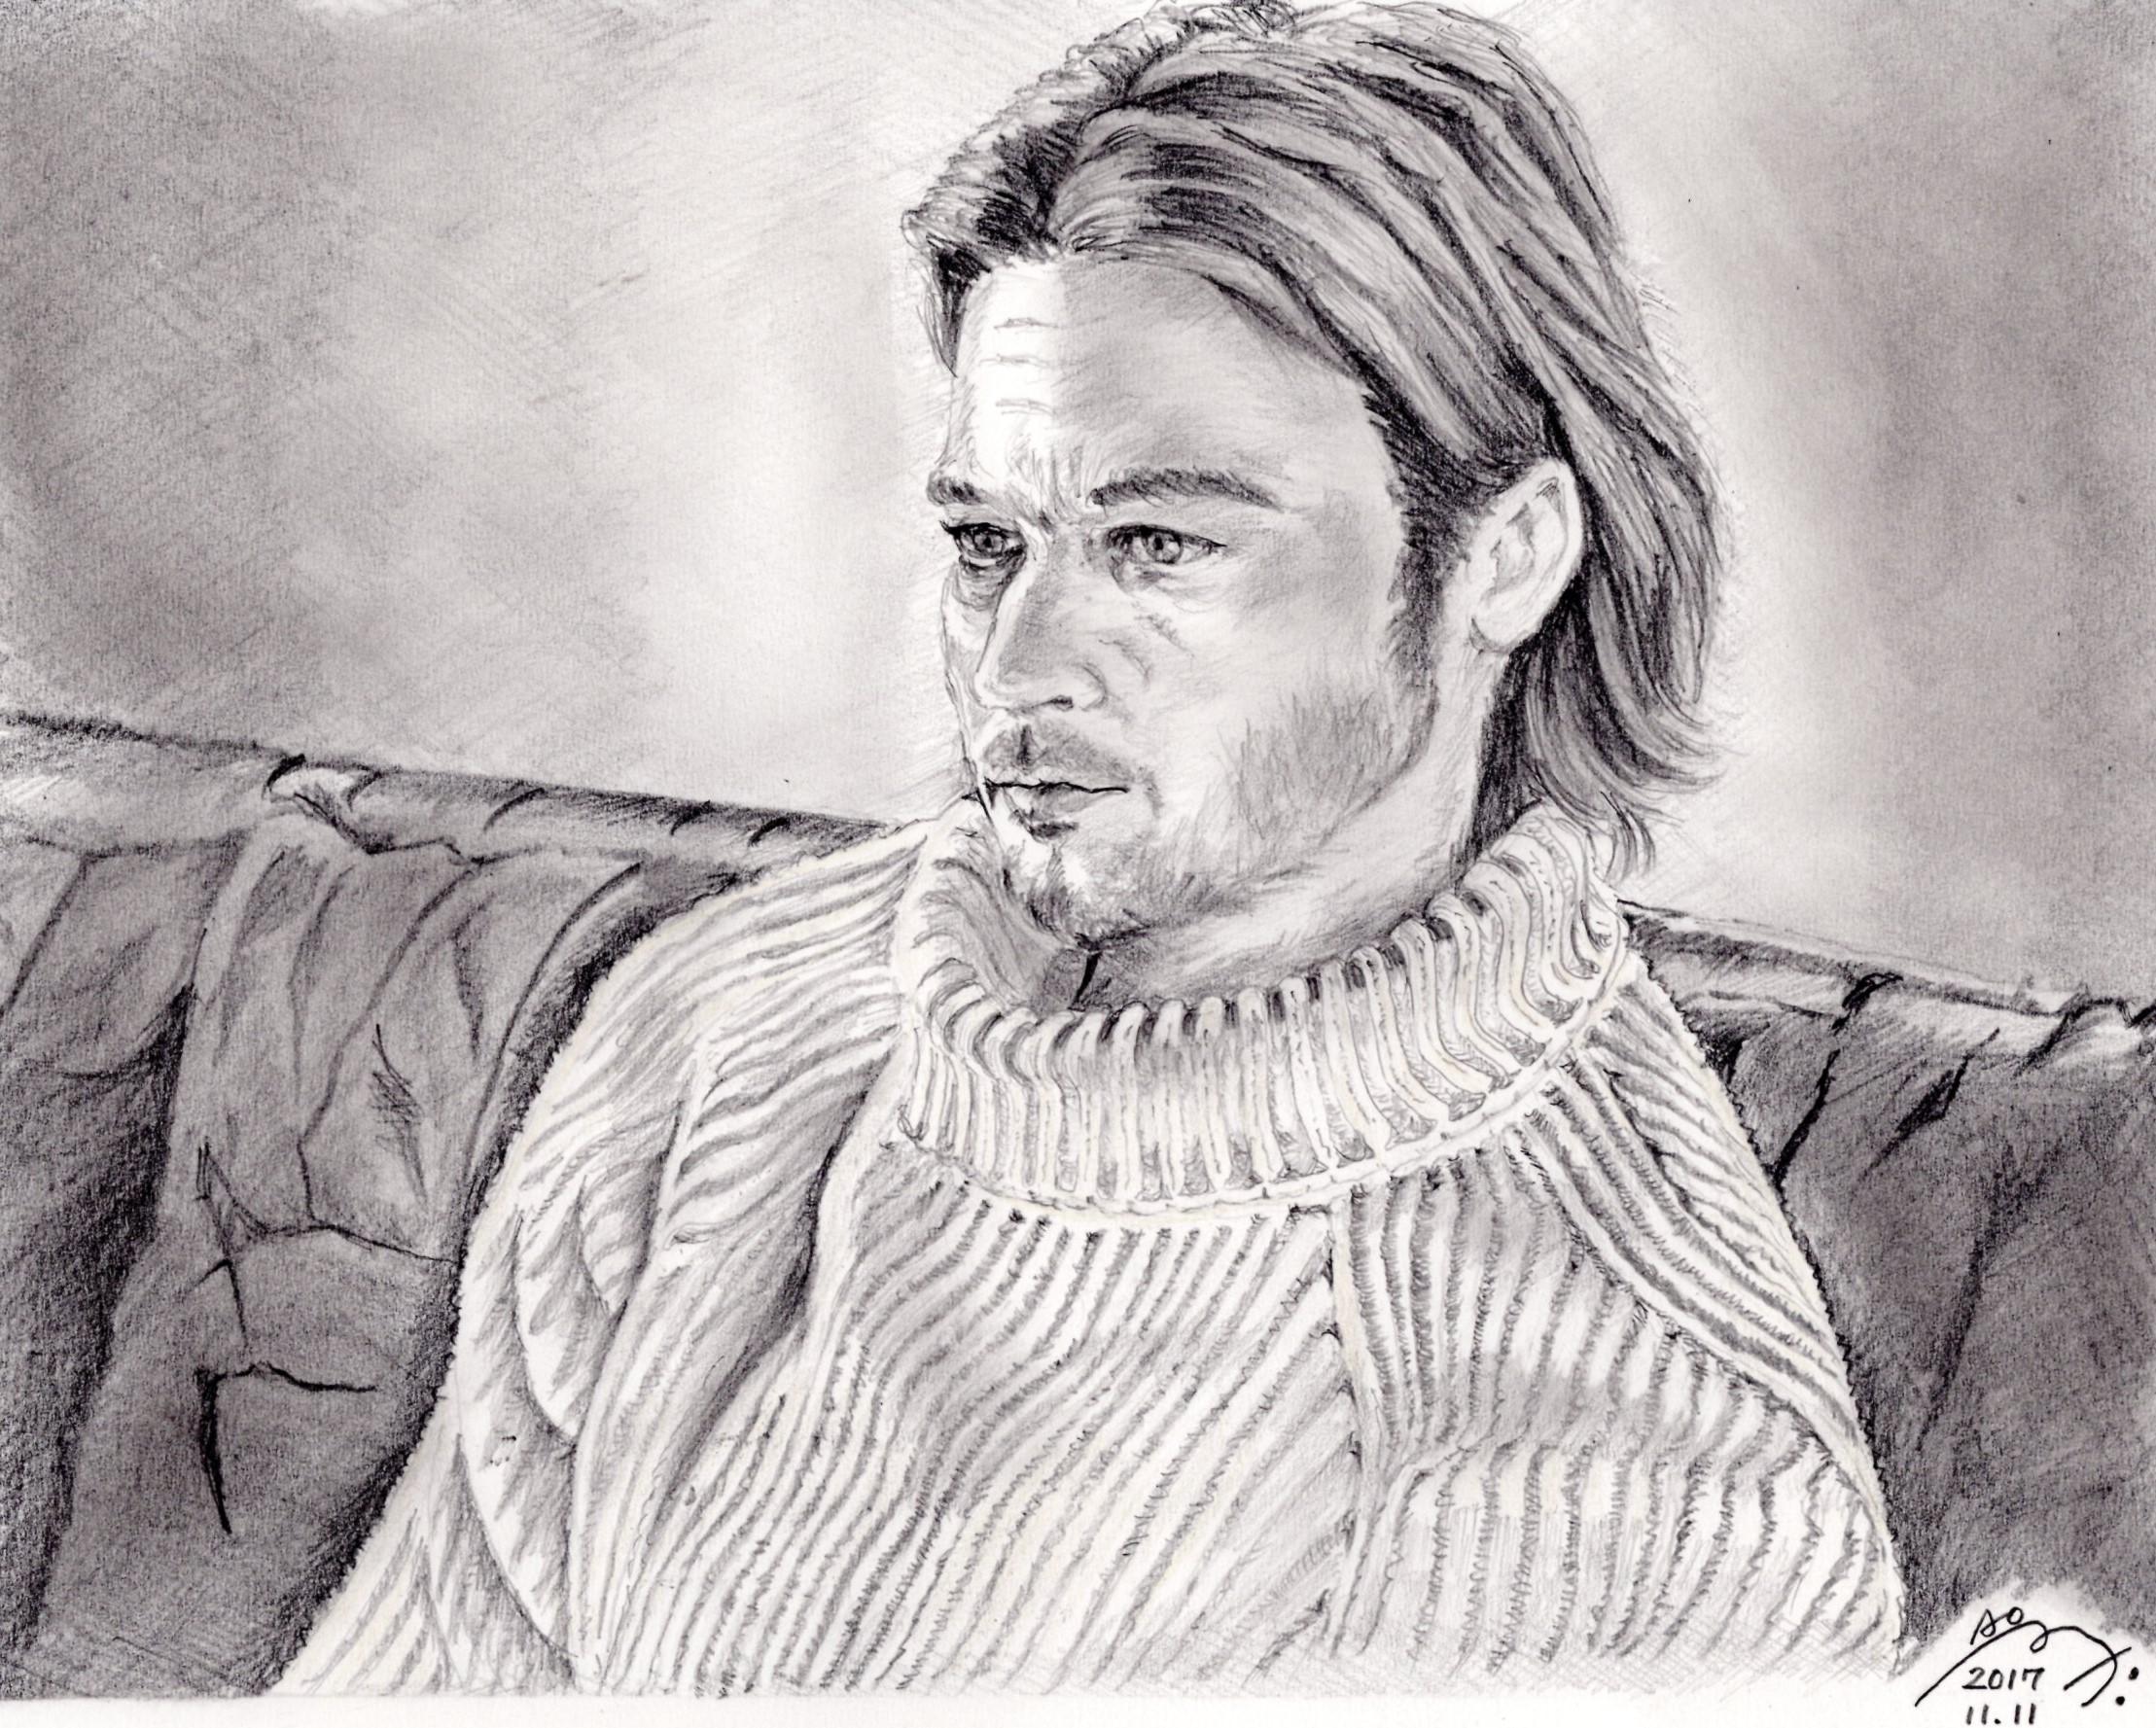 ブラッド・ピットの鉛筆画似顔絵